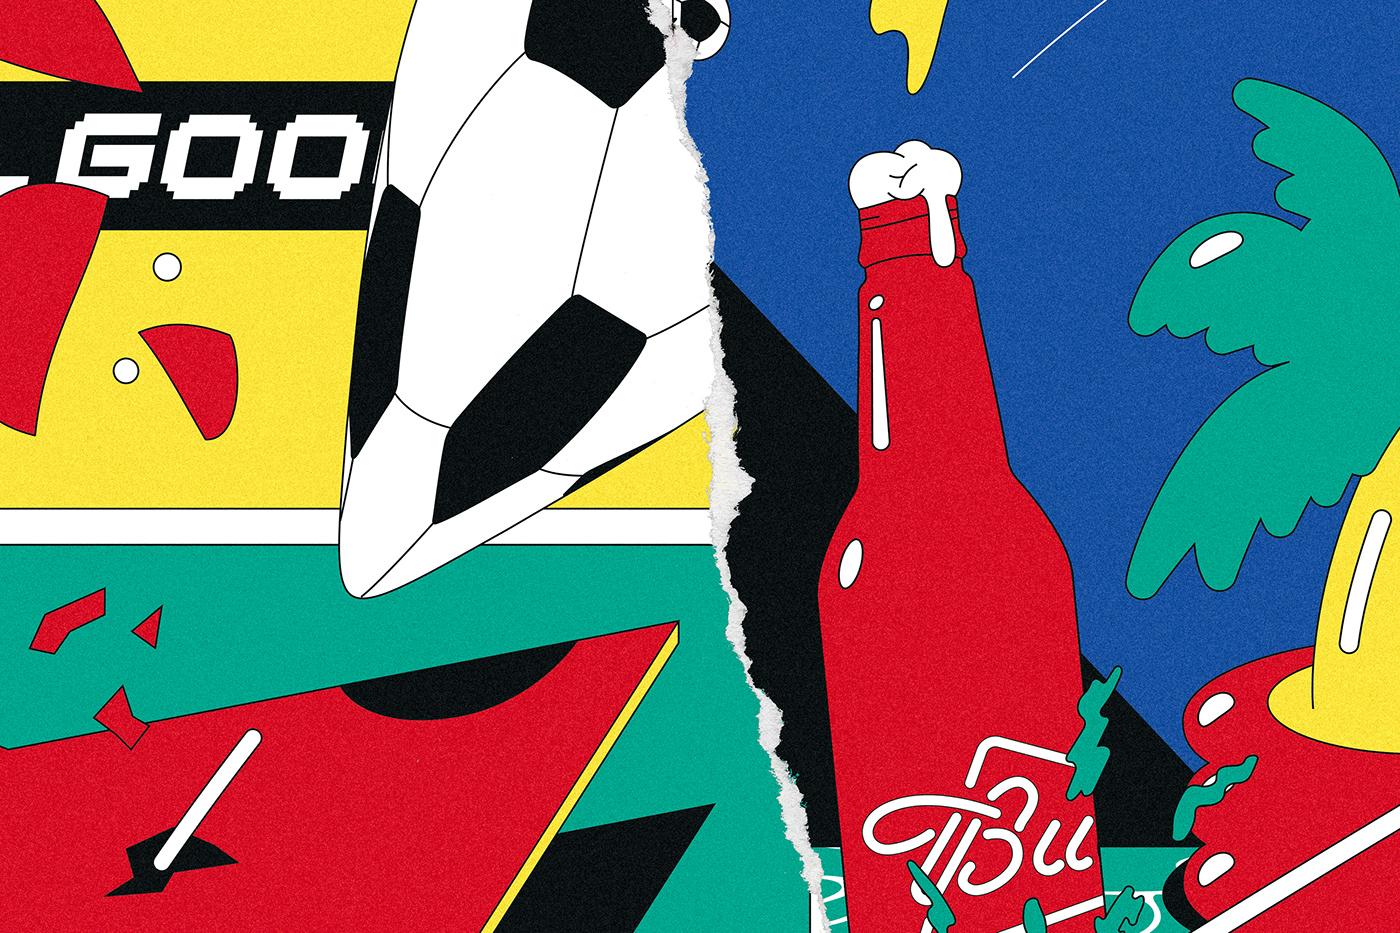 ILLUSTRATION  wearebuerobuero STEFANMUECKNER JULIANFAUDT Budweiser WABB art poster football BüroBüro